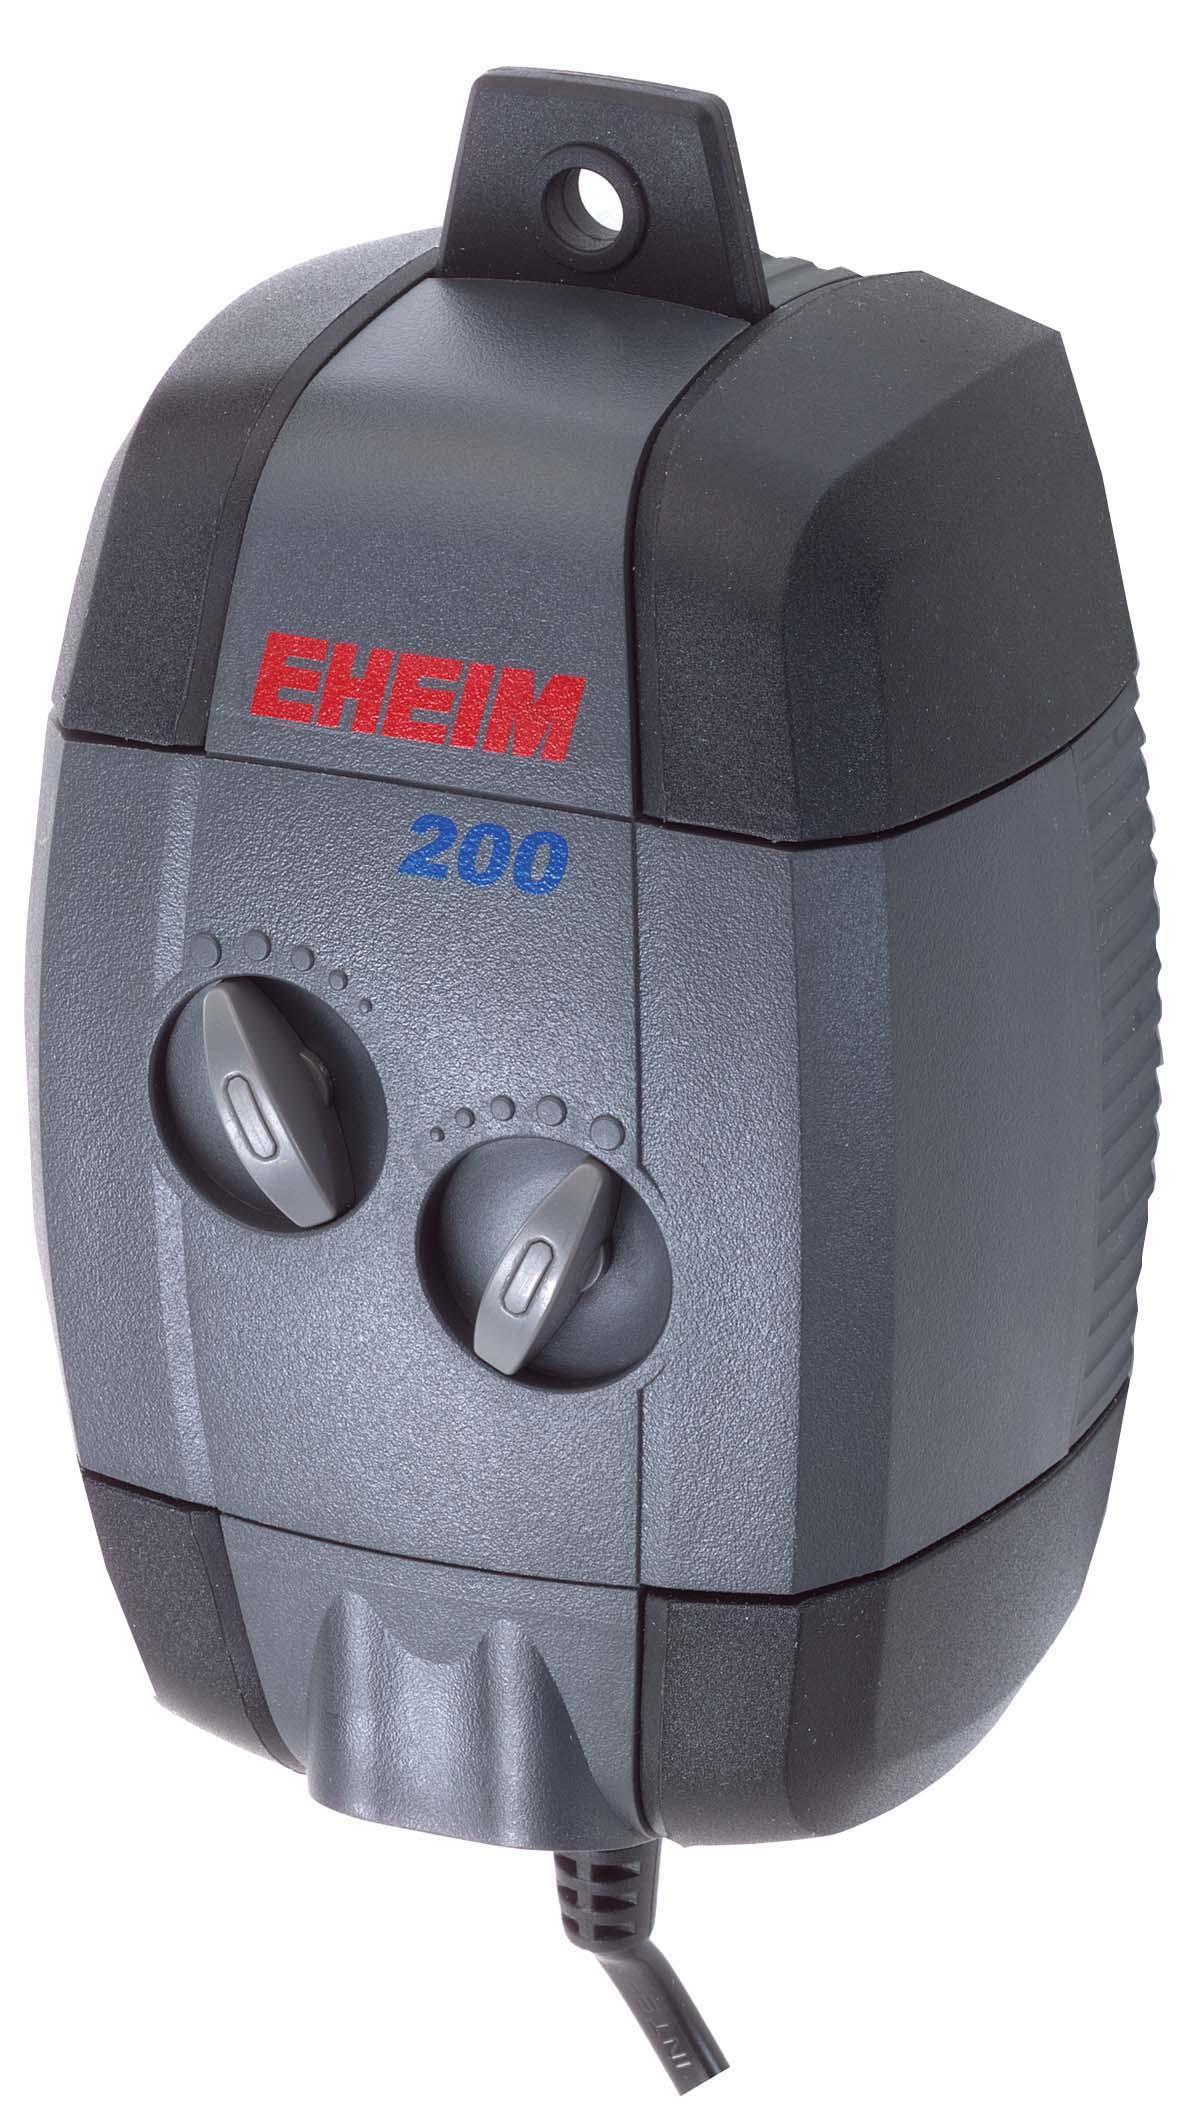 EHEIM GmbH amp; Co. KG EHEIM air pump 200 (3702)